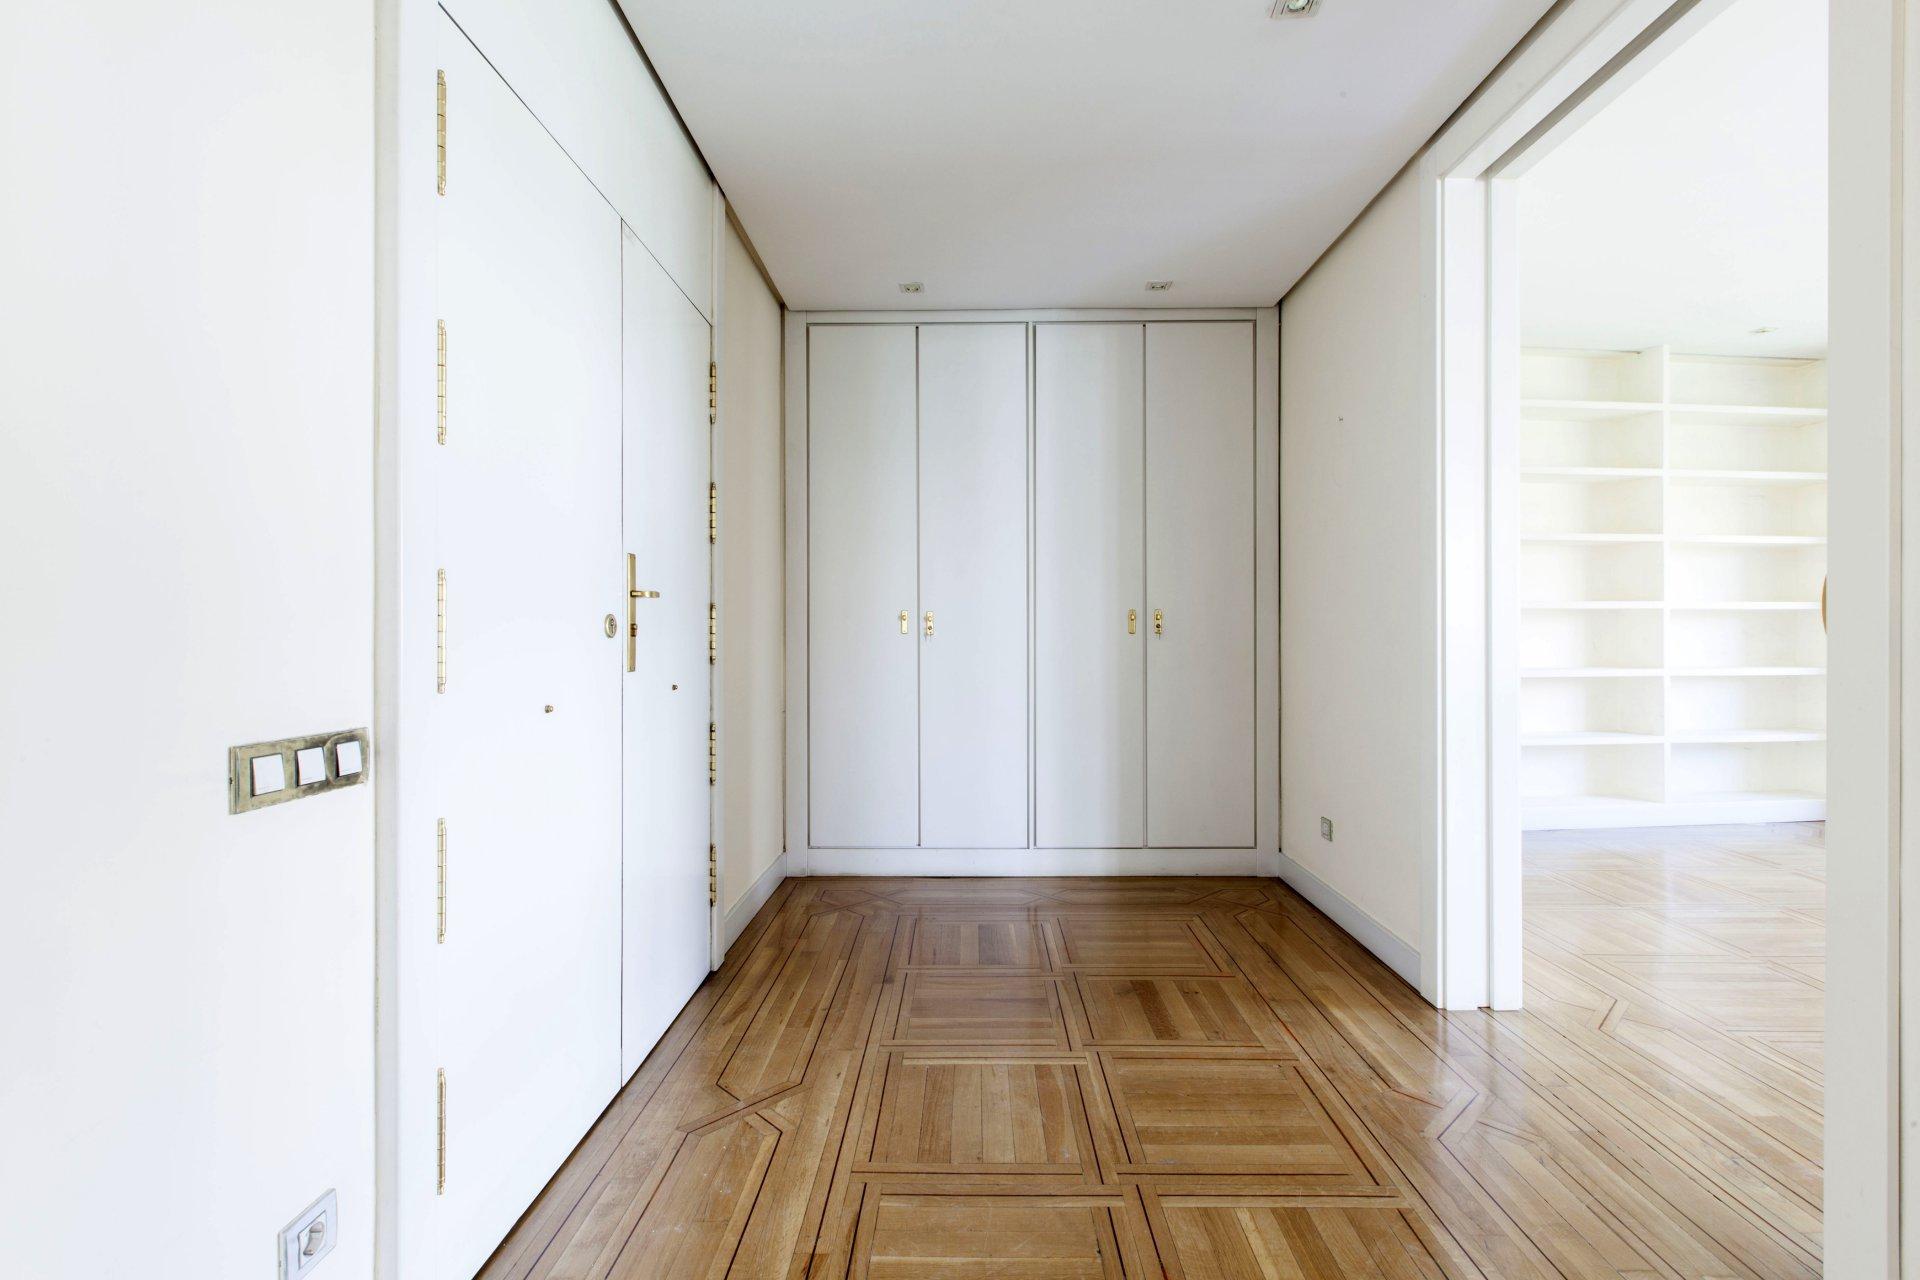 anuncio alquiler piso madrid recoletos 28000 john taylor On alquiler piso madrid rio